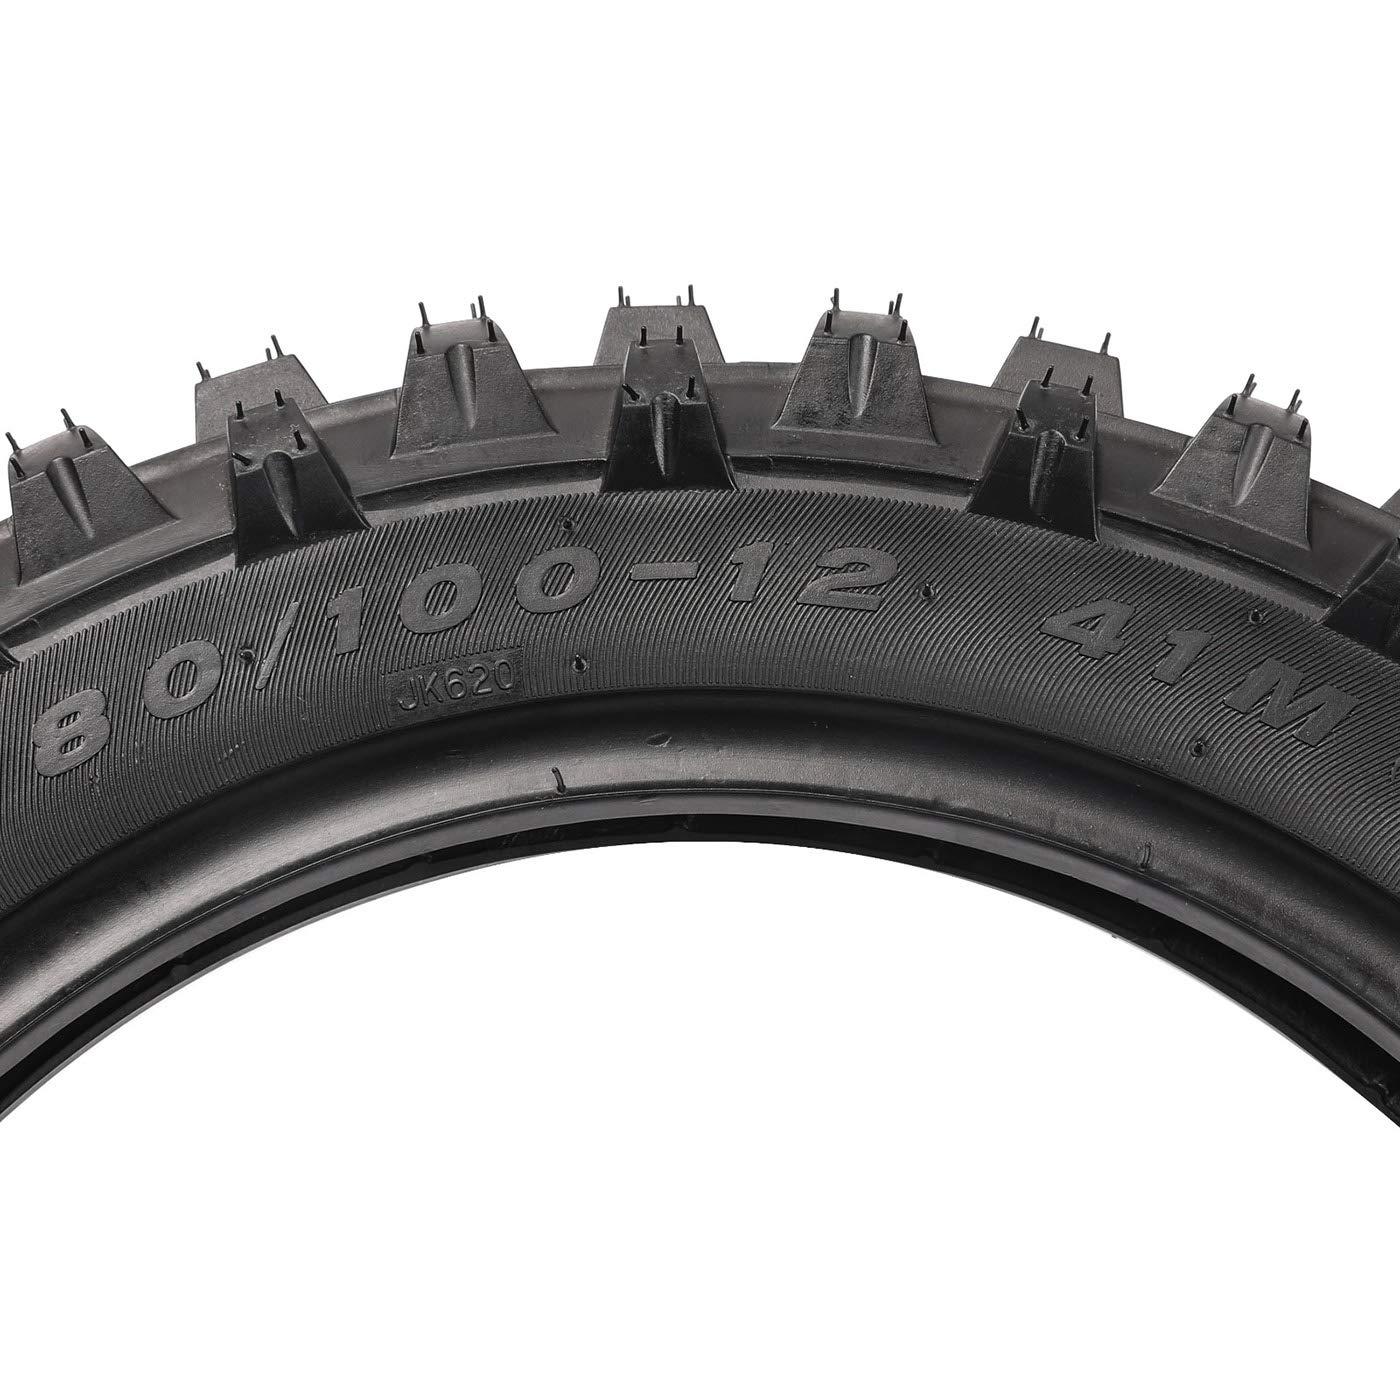 ZXTDR Front /& Rear Tire Tube 2.50-14 14 /& 3.00-12 12 Tyre Innertube Set for Off Road Motorcycle